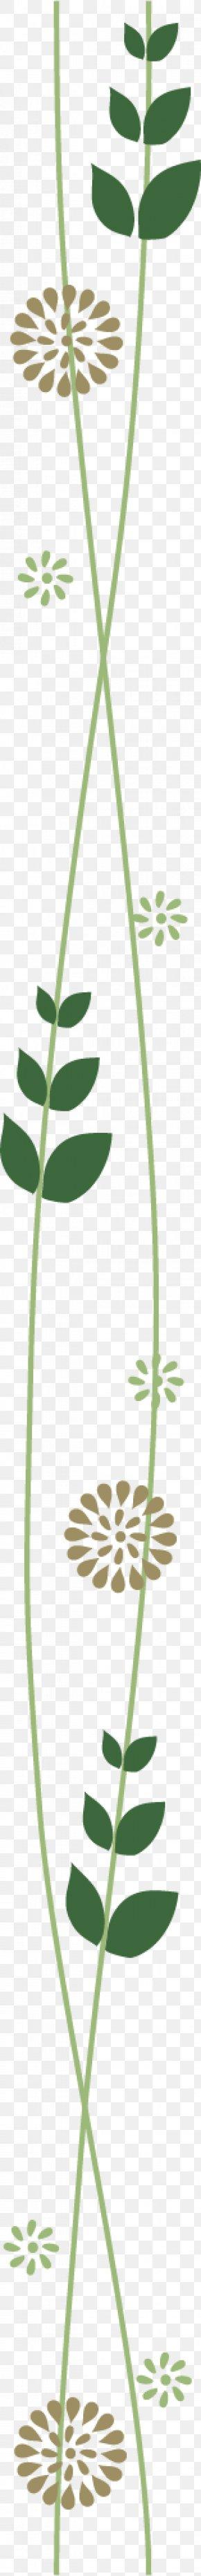 Green Vector Segmentation Line - Grasses Plant Stem Leaf Green Flower PNG